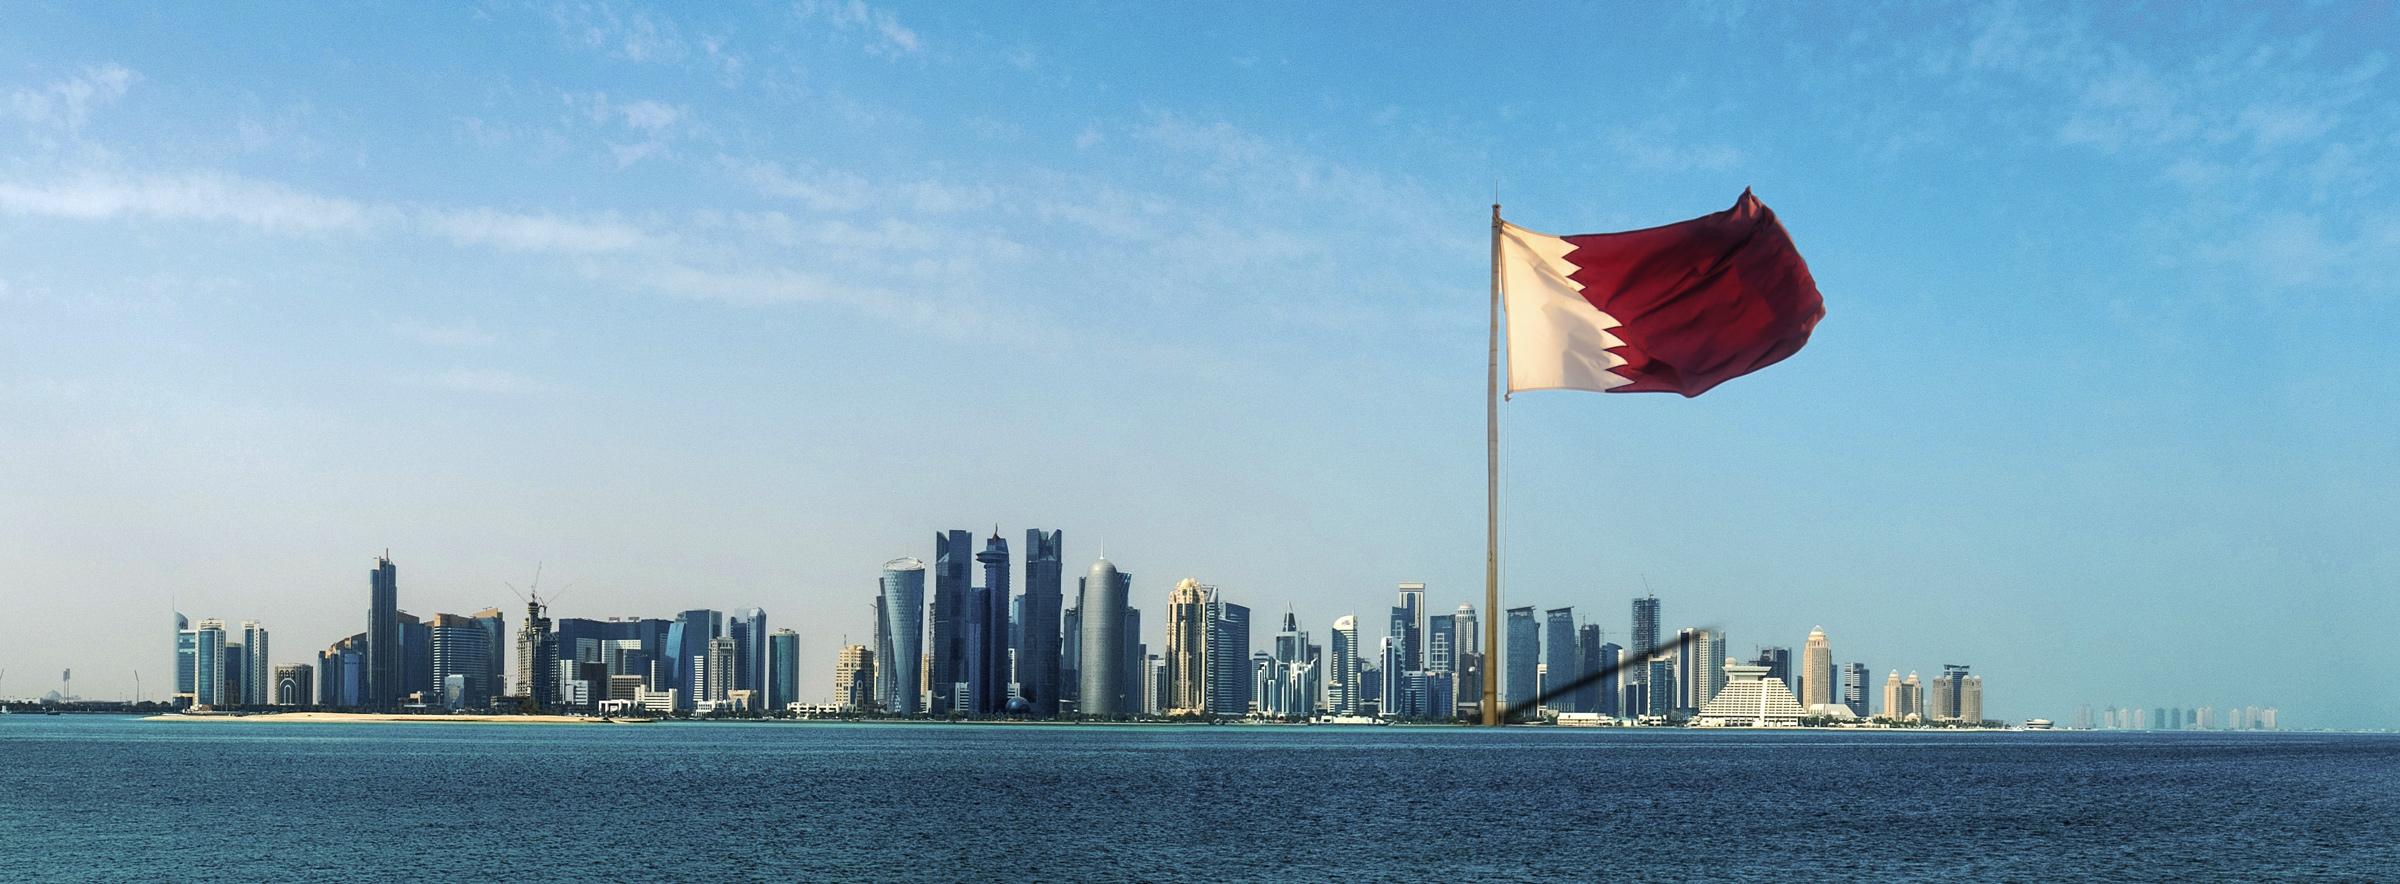 Katar trotzt der Saudi-Blockade mit neuem Selbstbewusstsein <br>  <span id='sec-title'>Nationale Identität statt Unterwerfung</span>